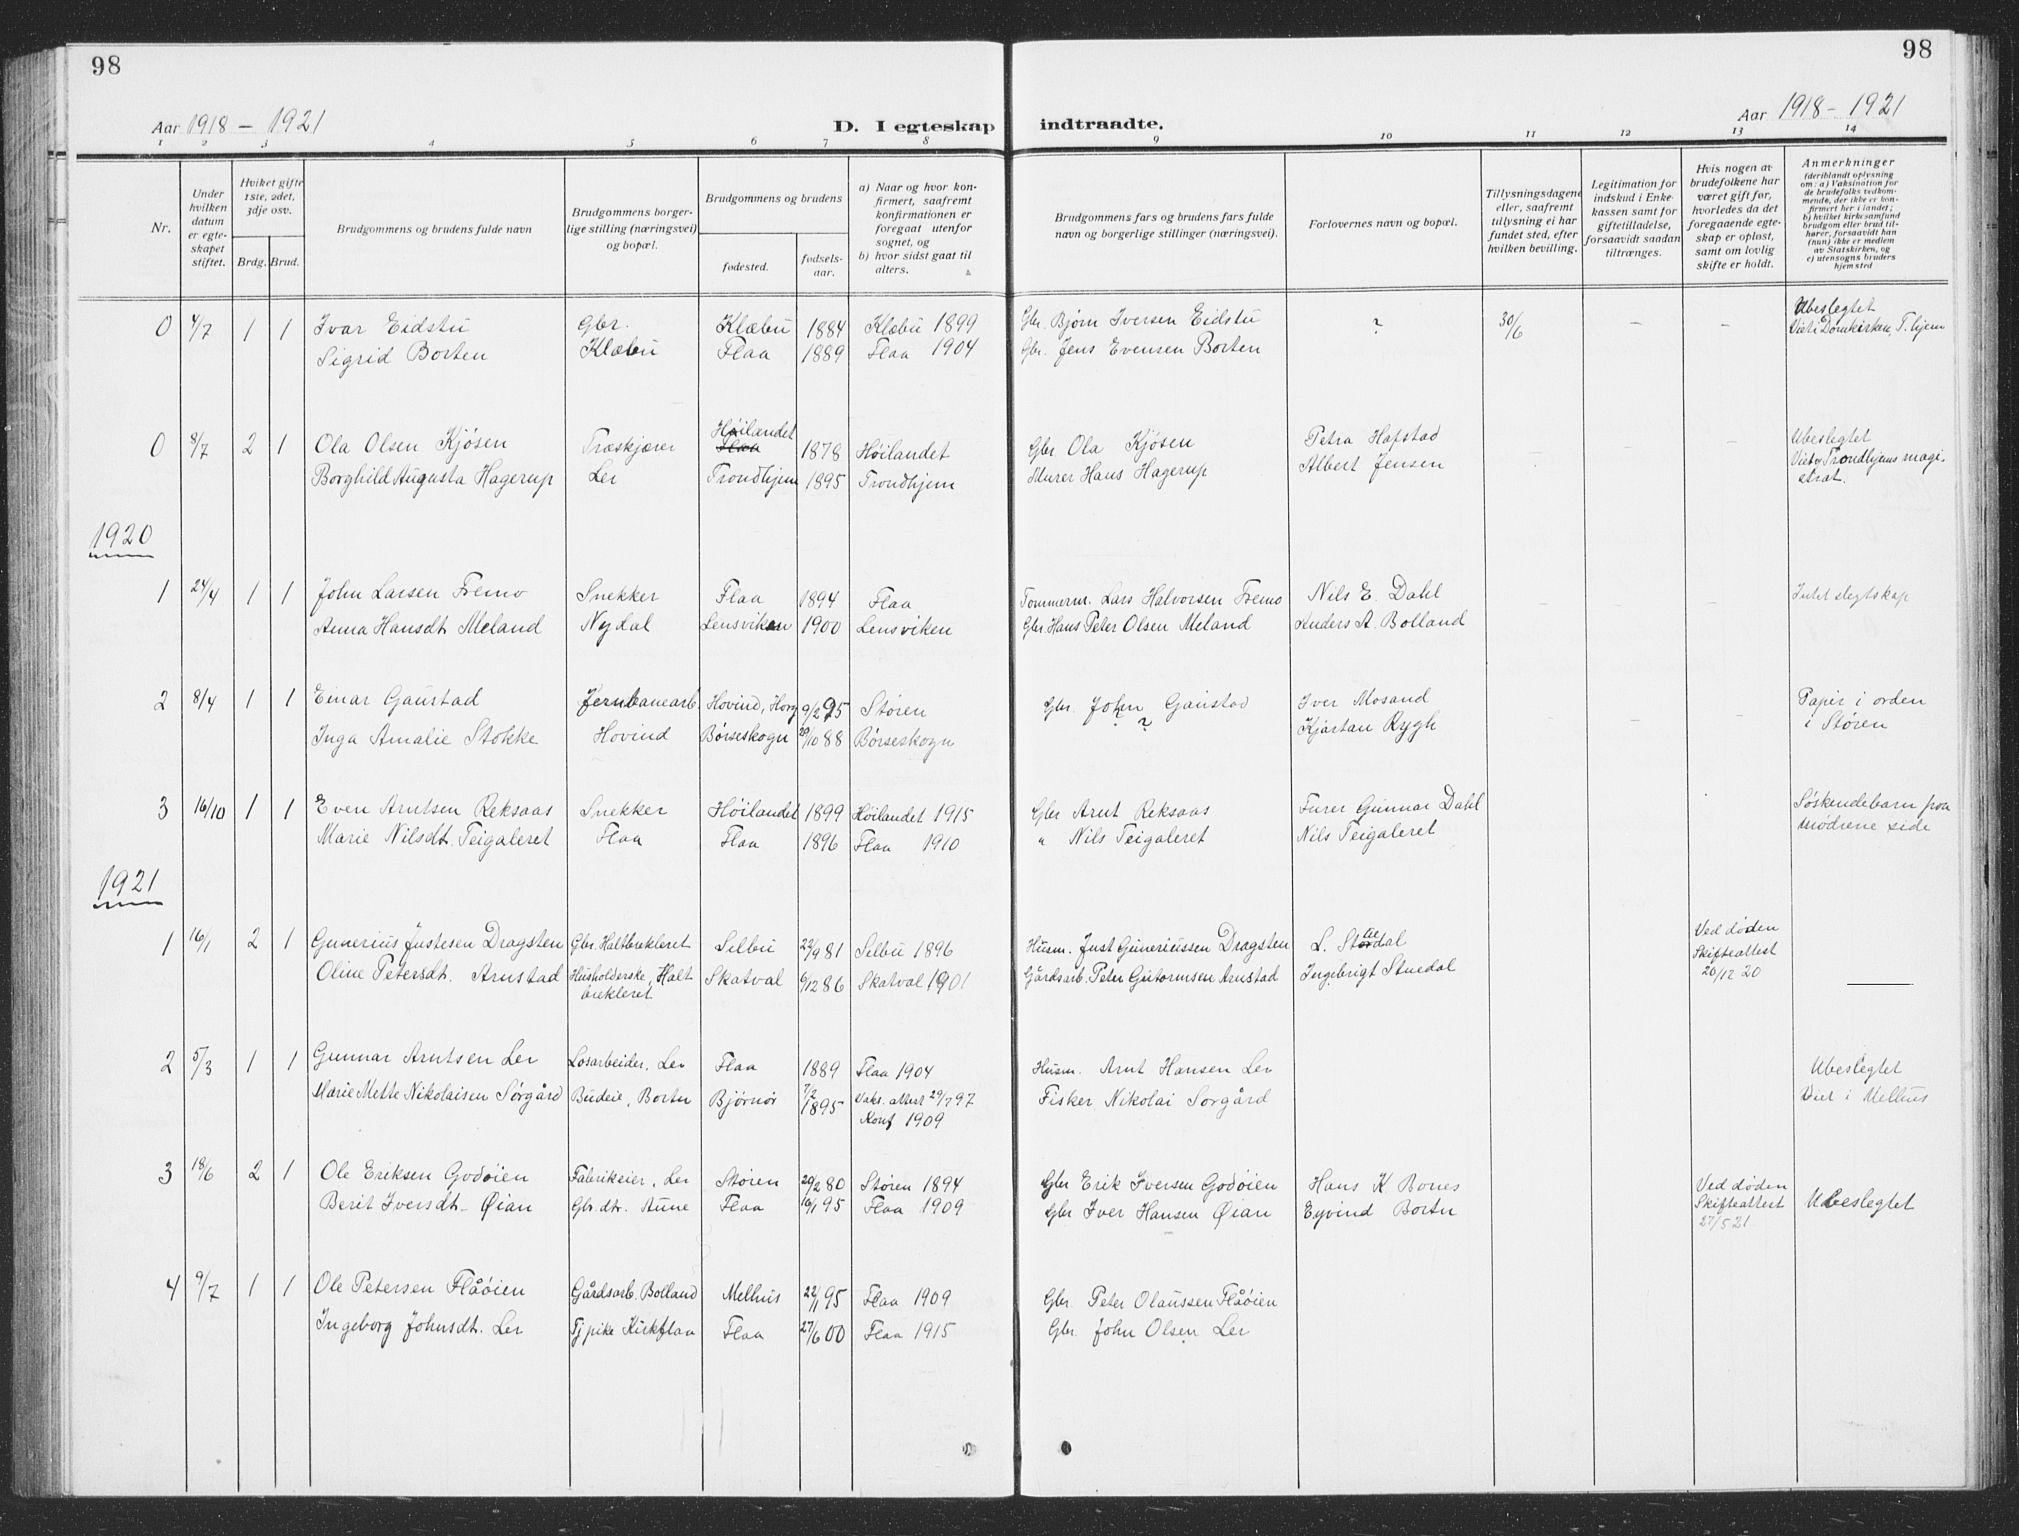 SAT, Ministerialprotokoller, klokkerbøker og fødselsregistre - Sør-Trøndelag, 693/L1124: Klokkerbok nr. 693C05, 1911-1941, s. 98